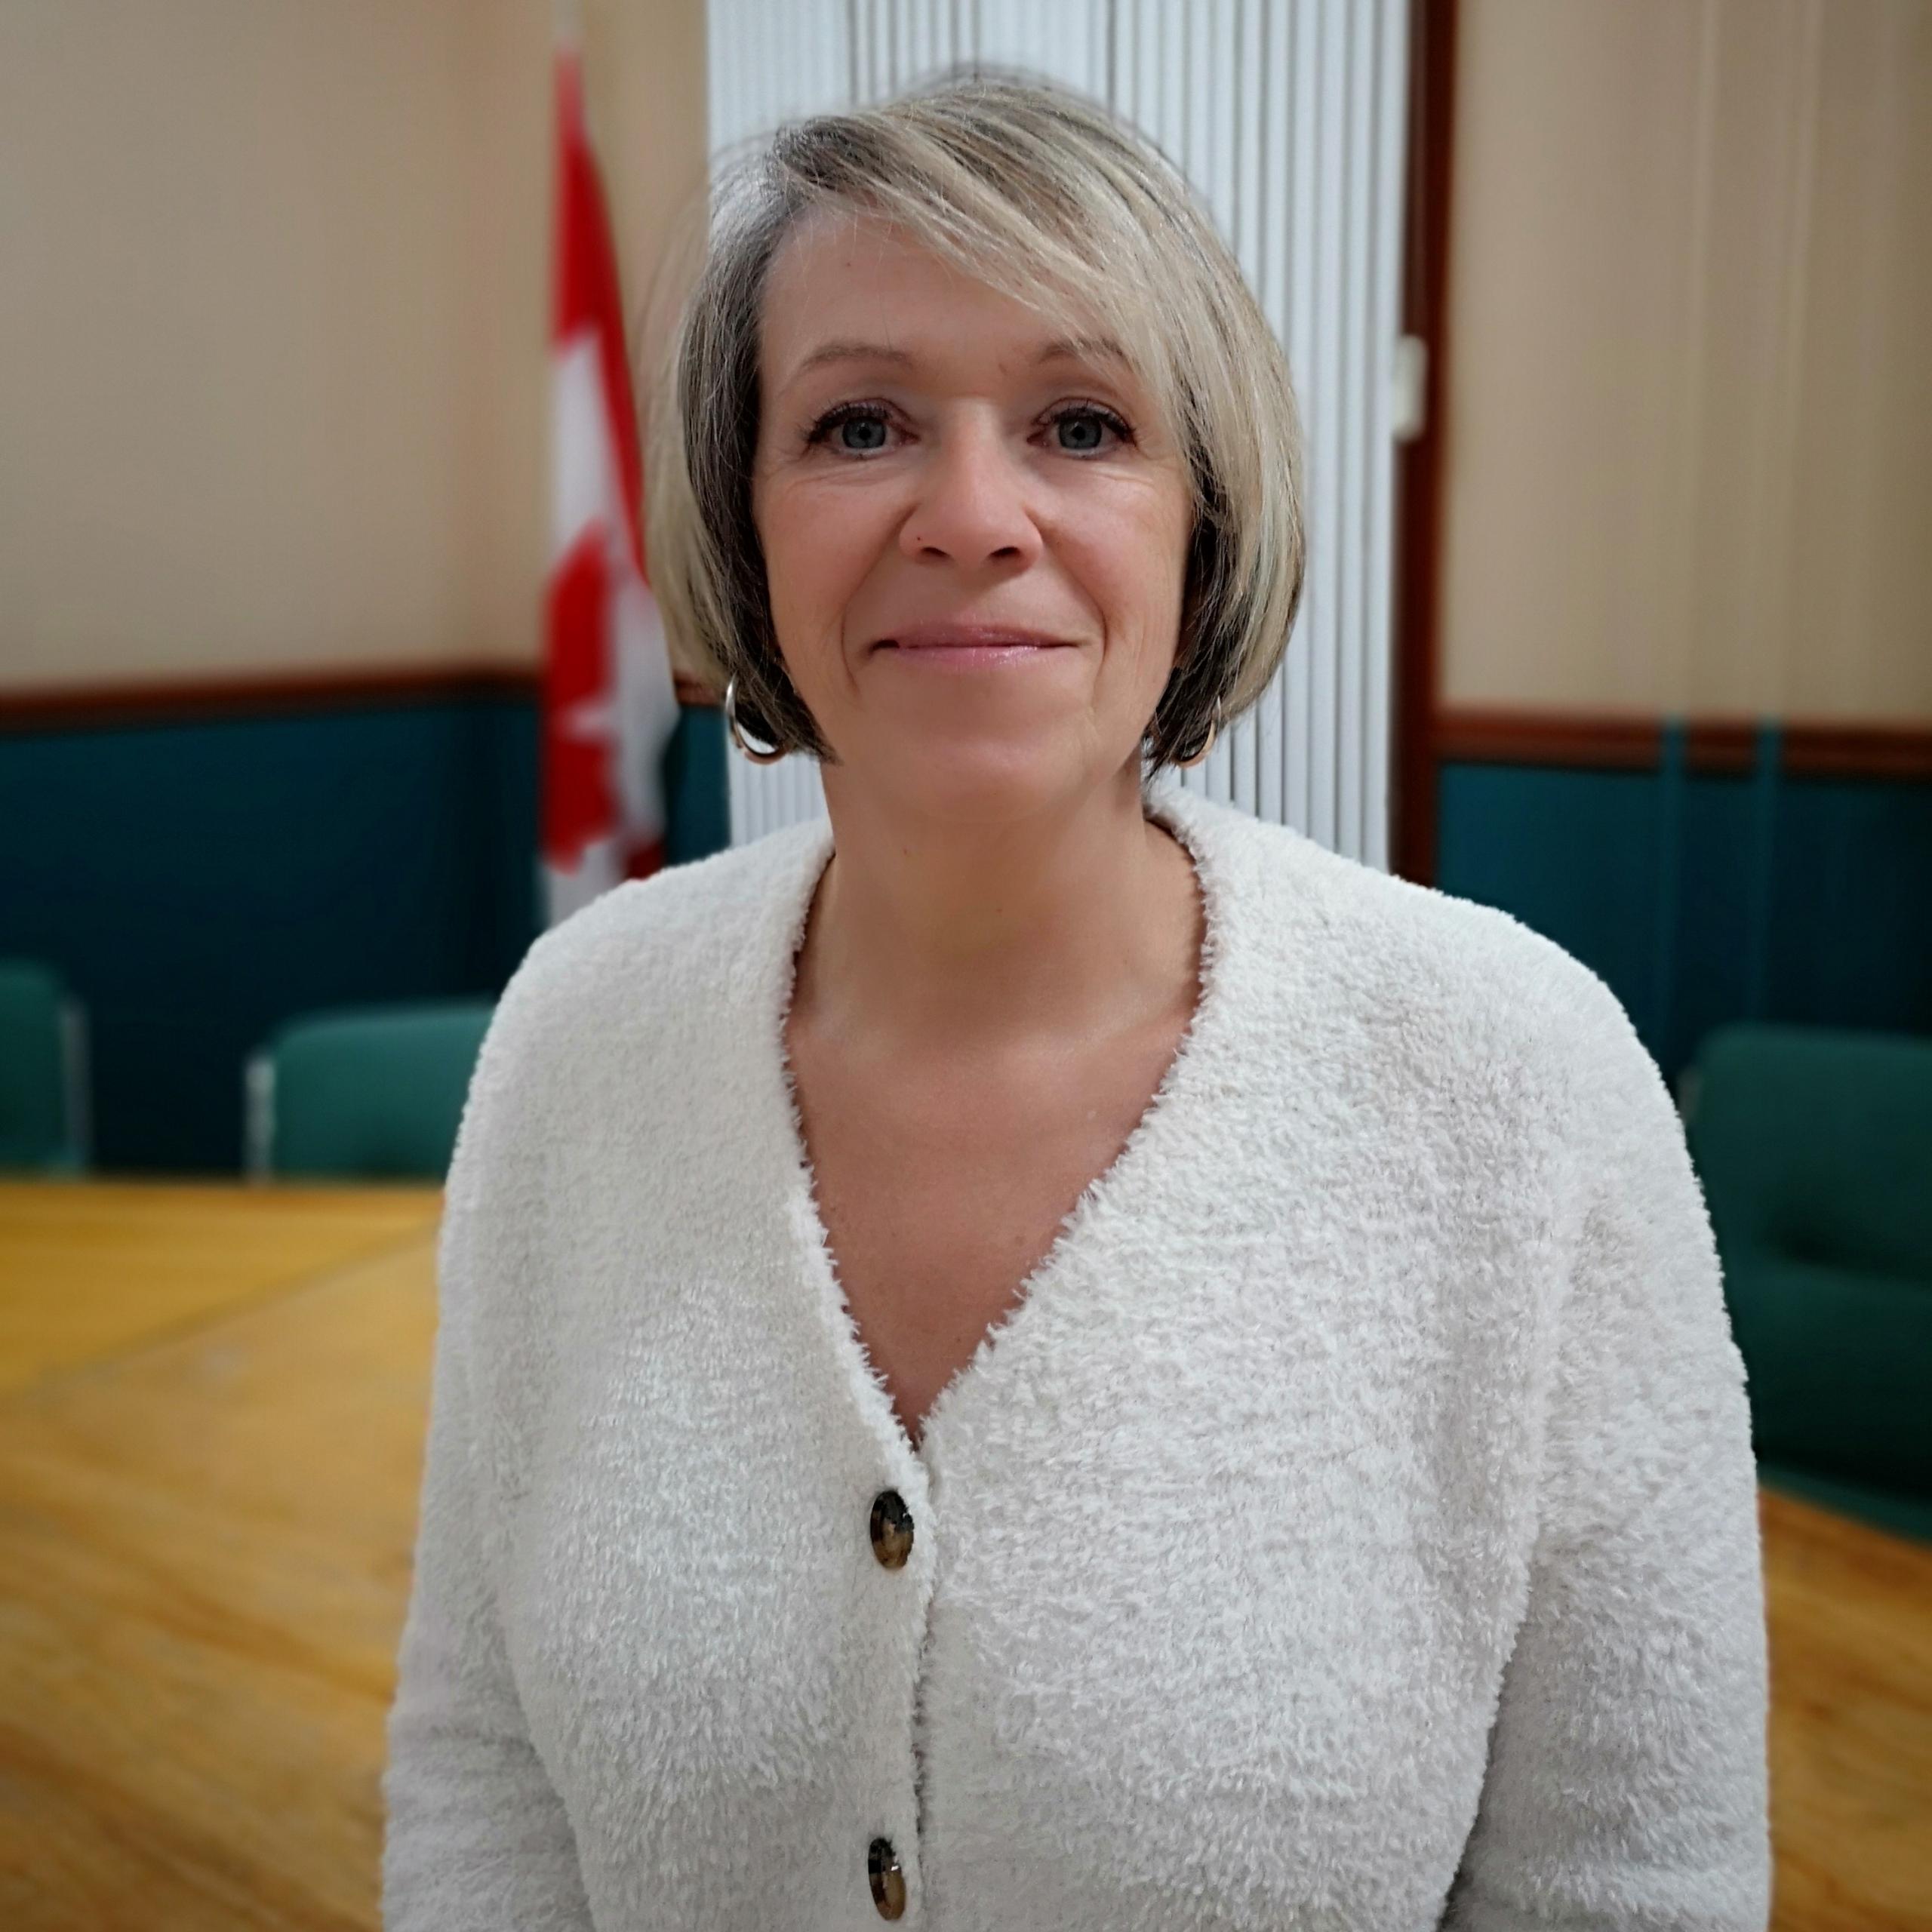 Gina Cloutier